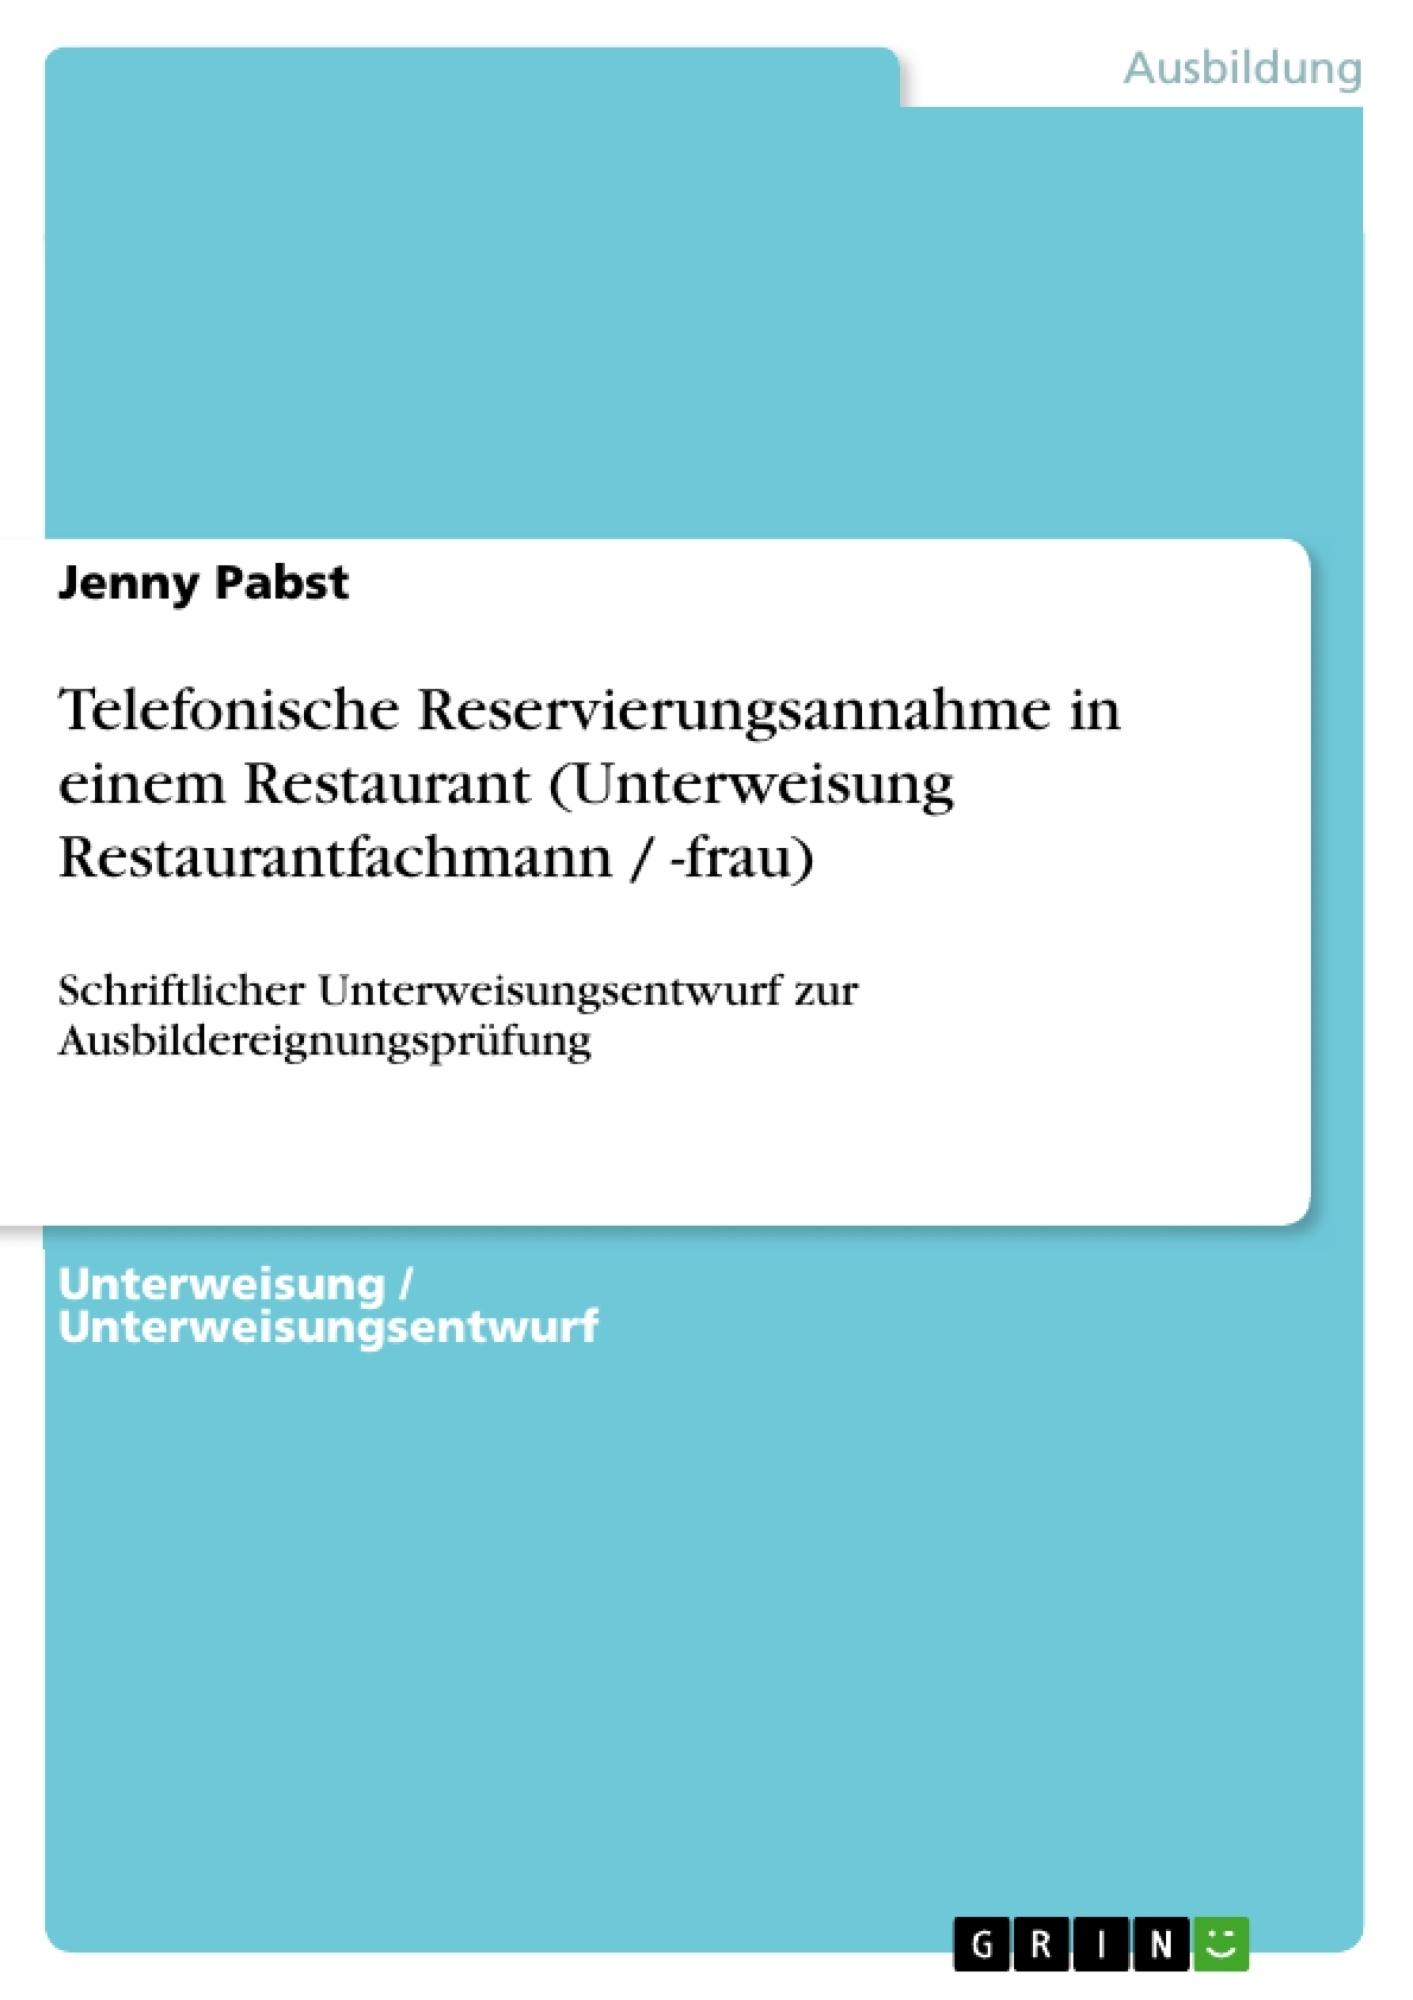 Titel: Telefonische Reservierungsannahme in einem Restaurant (Unterweisung Restaurantfachmann / -frau)